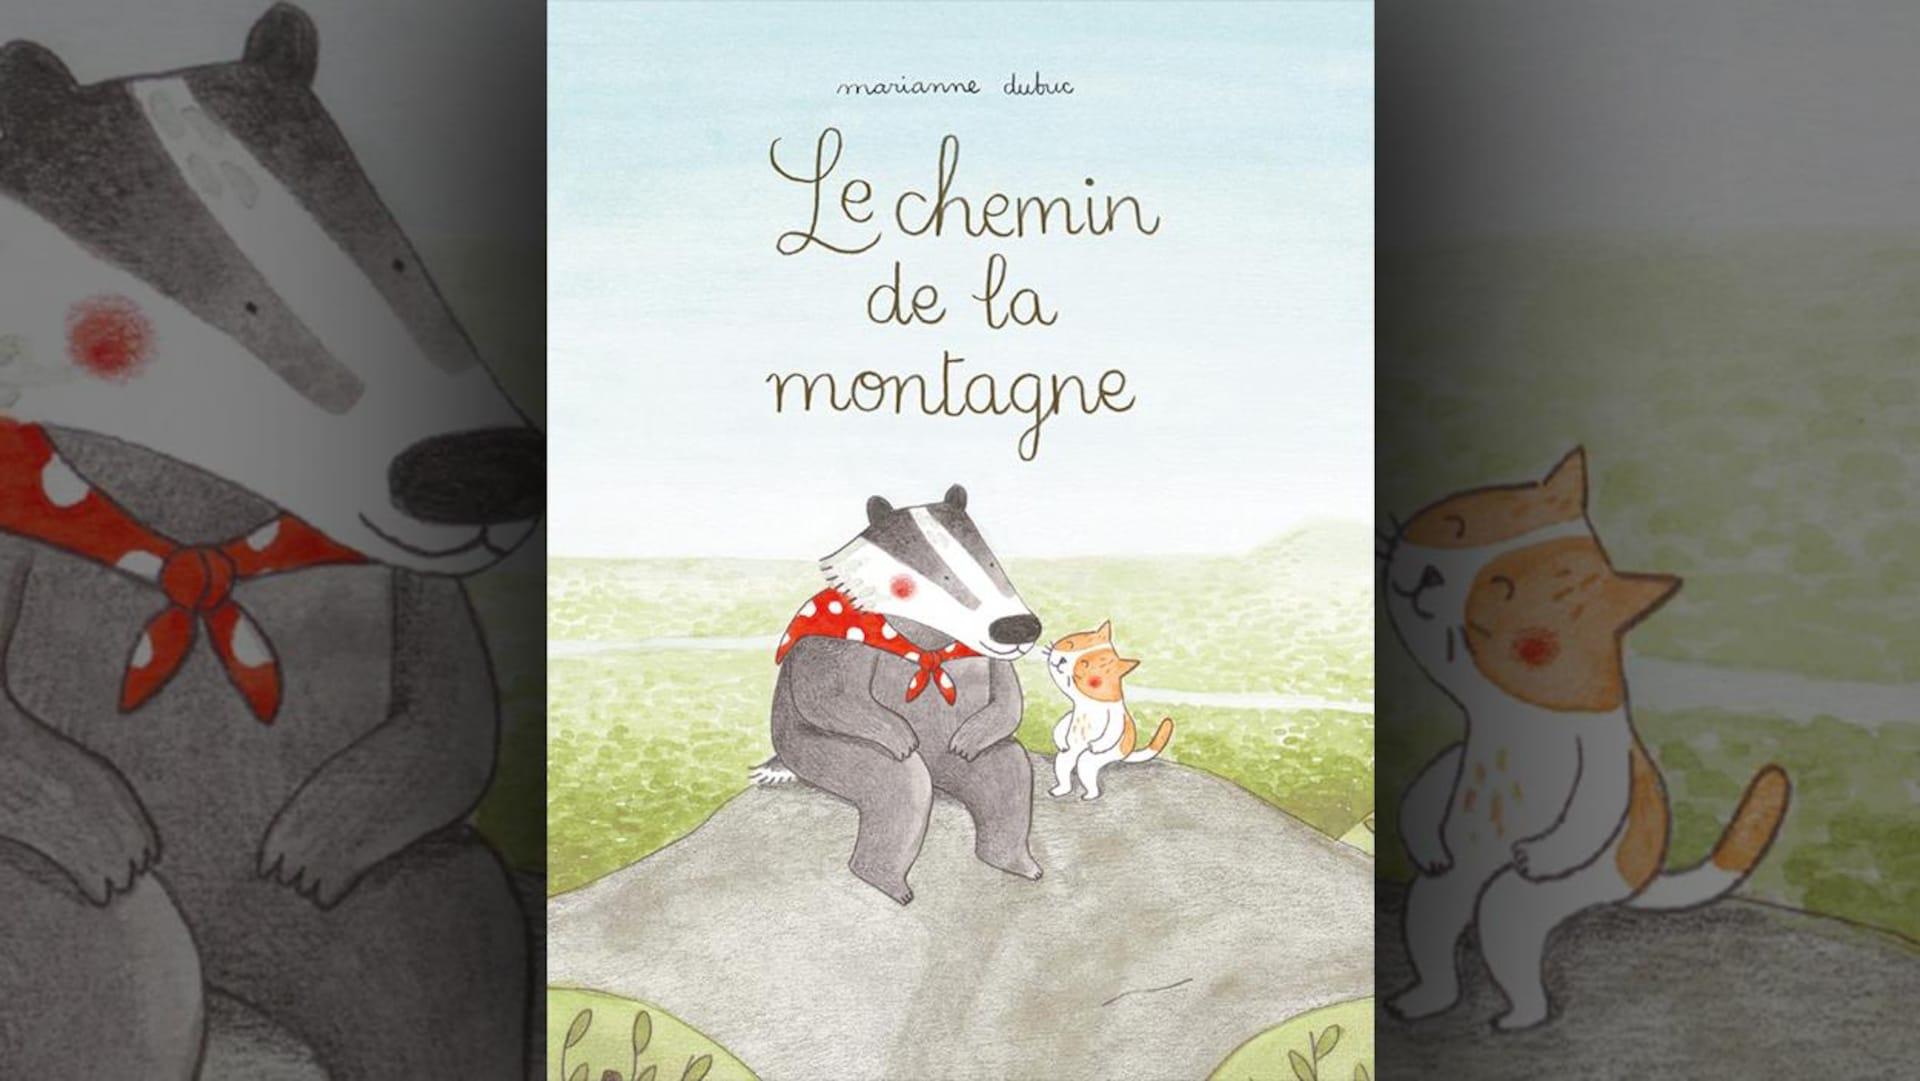 La couverture du livre  Le chemin de la montagne  de Marianne Dubuc est une illustration représentant un blaireau et un chat assis côte à côte sur une colline. Le titre est écrit en lettres cursives.